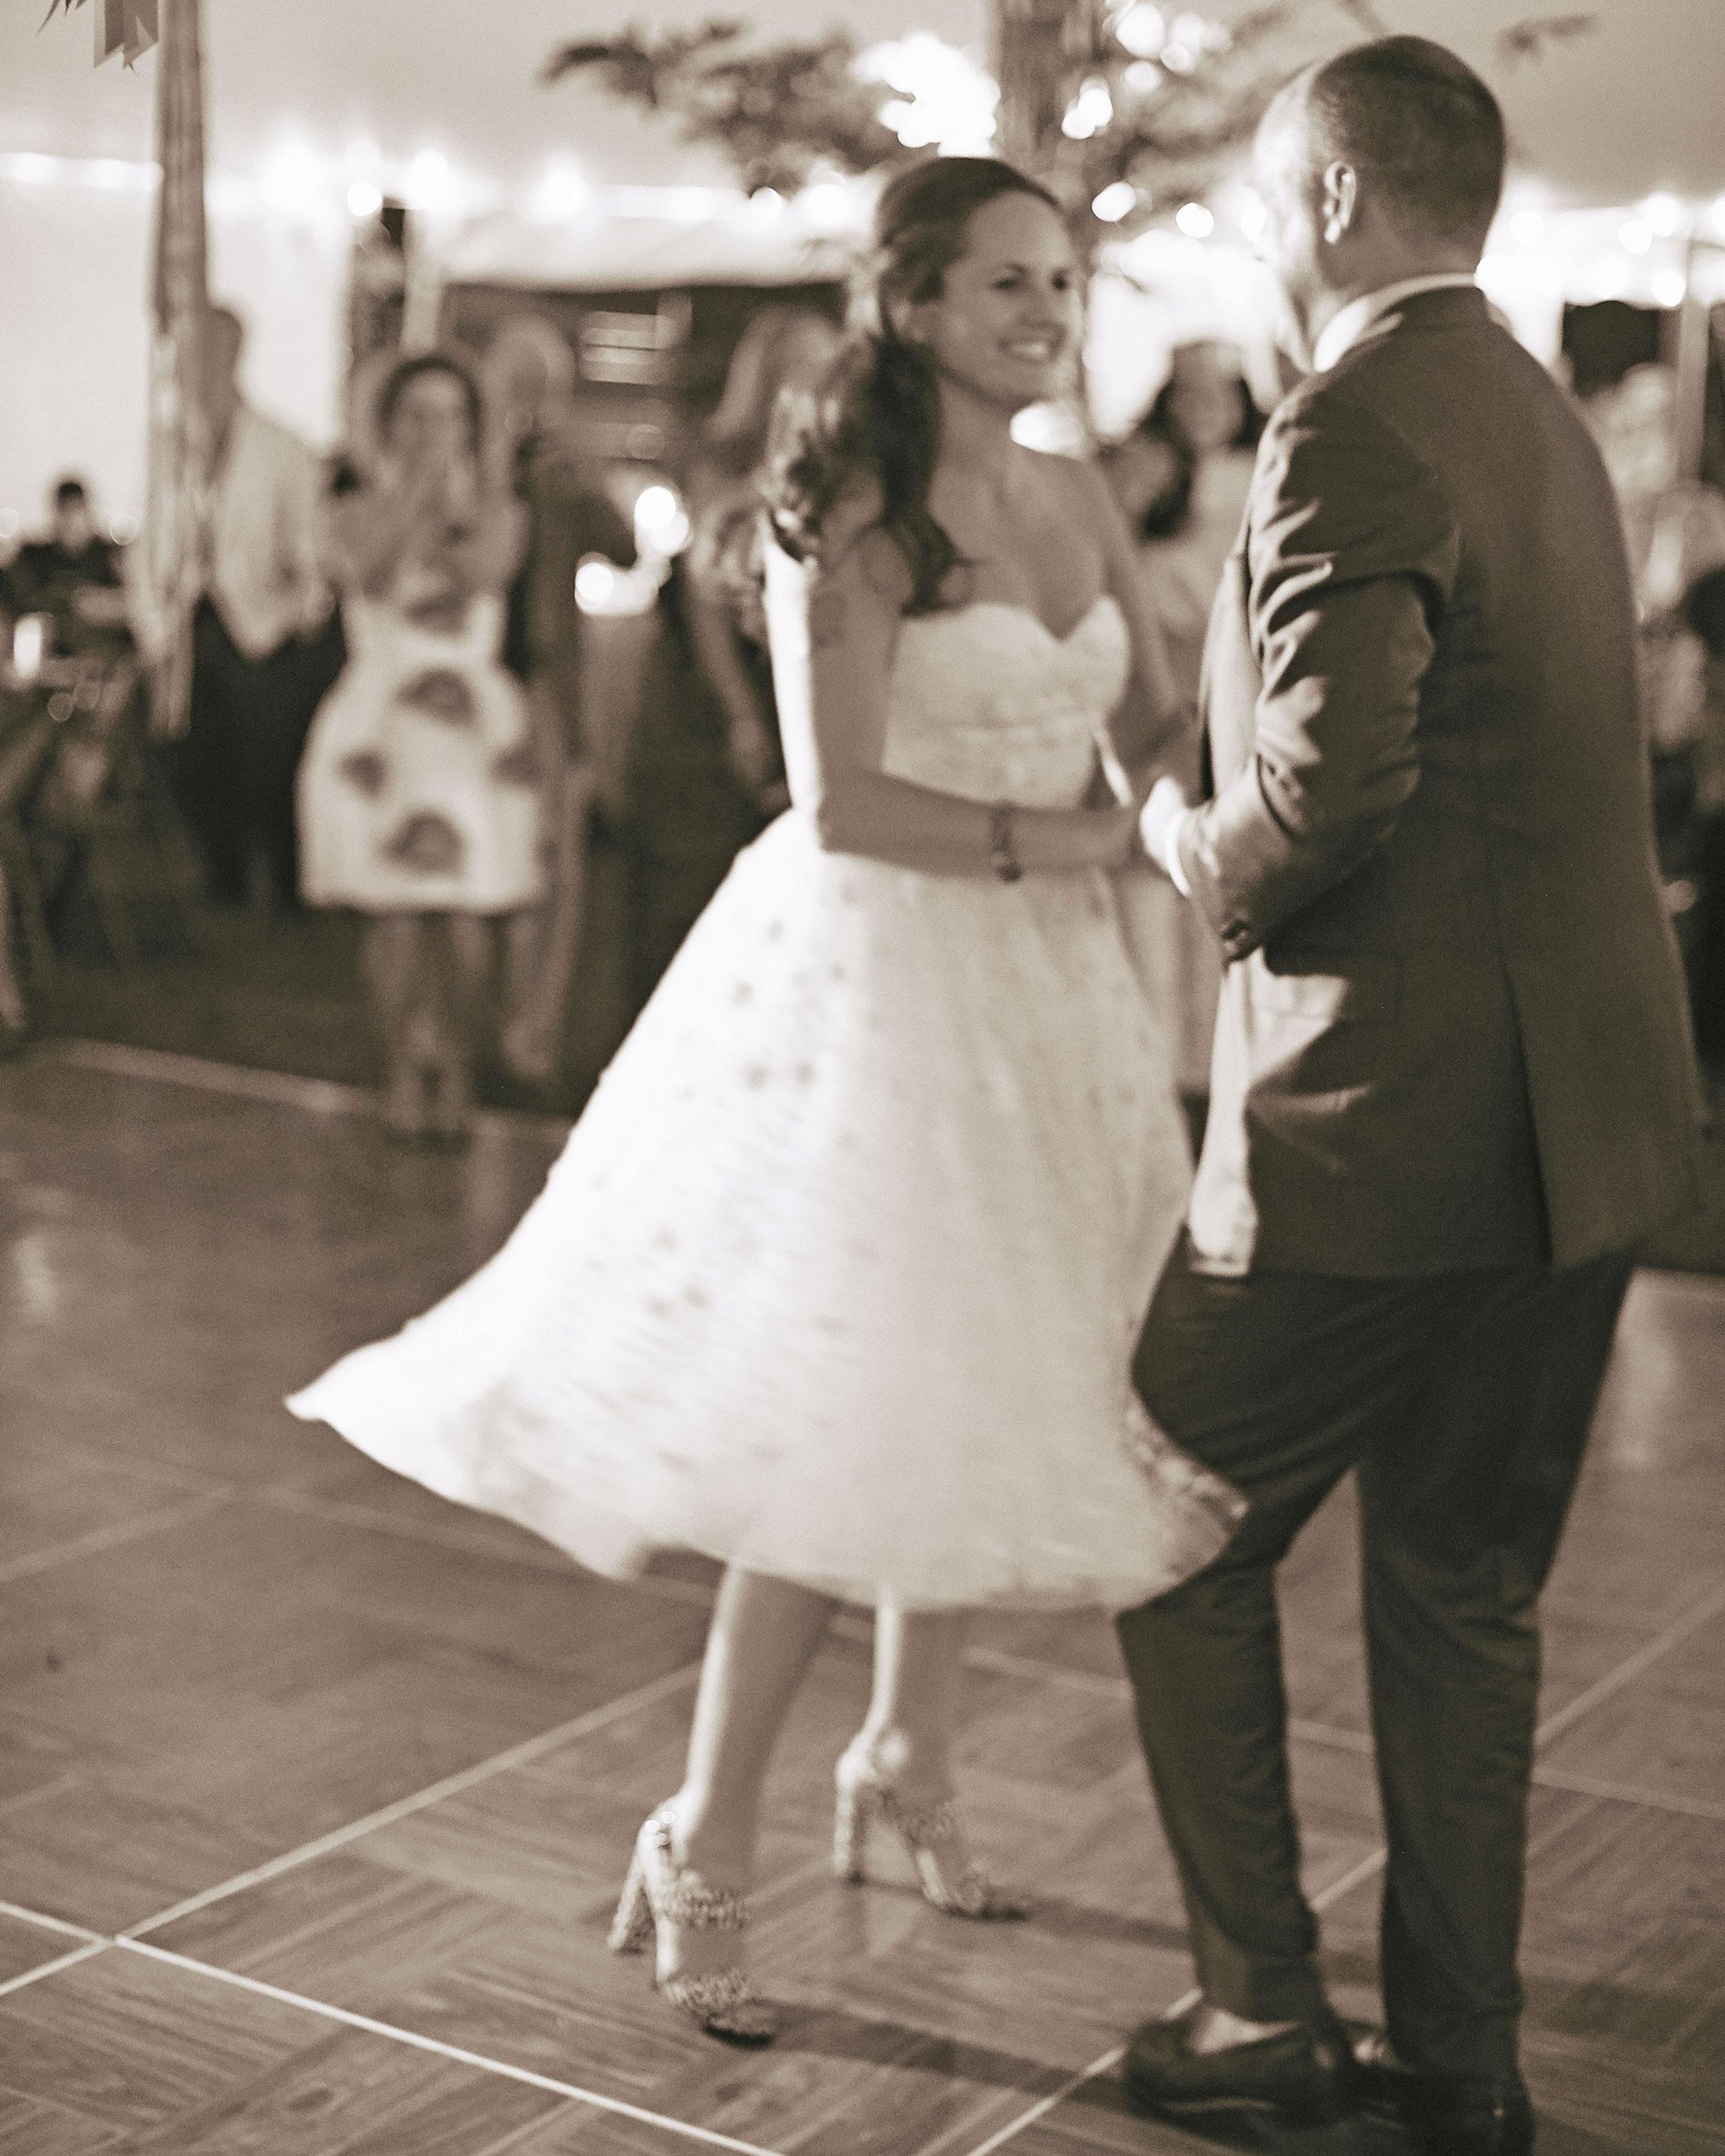 mfiona-peter-wedding-vermont-first-dance-d3s.705.2015.47-d112512.jpg